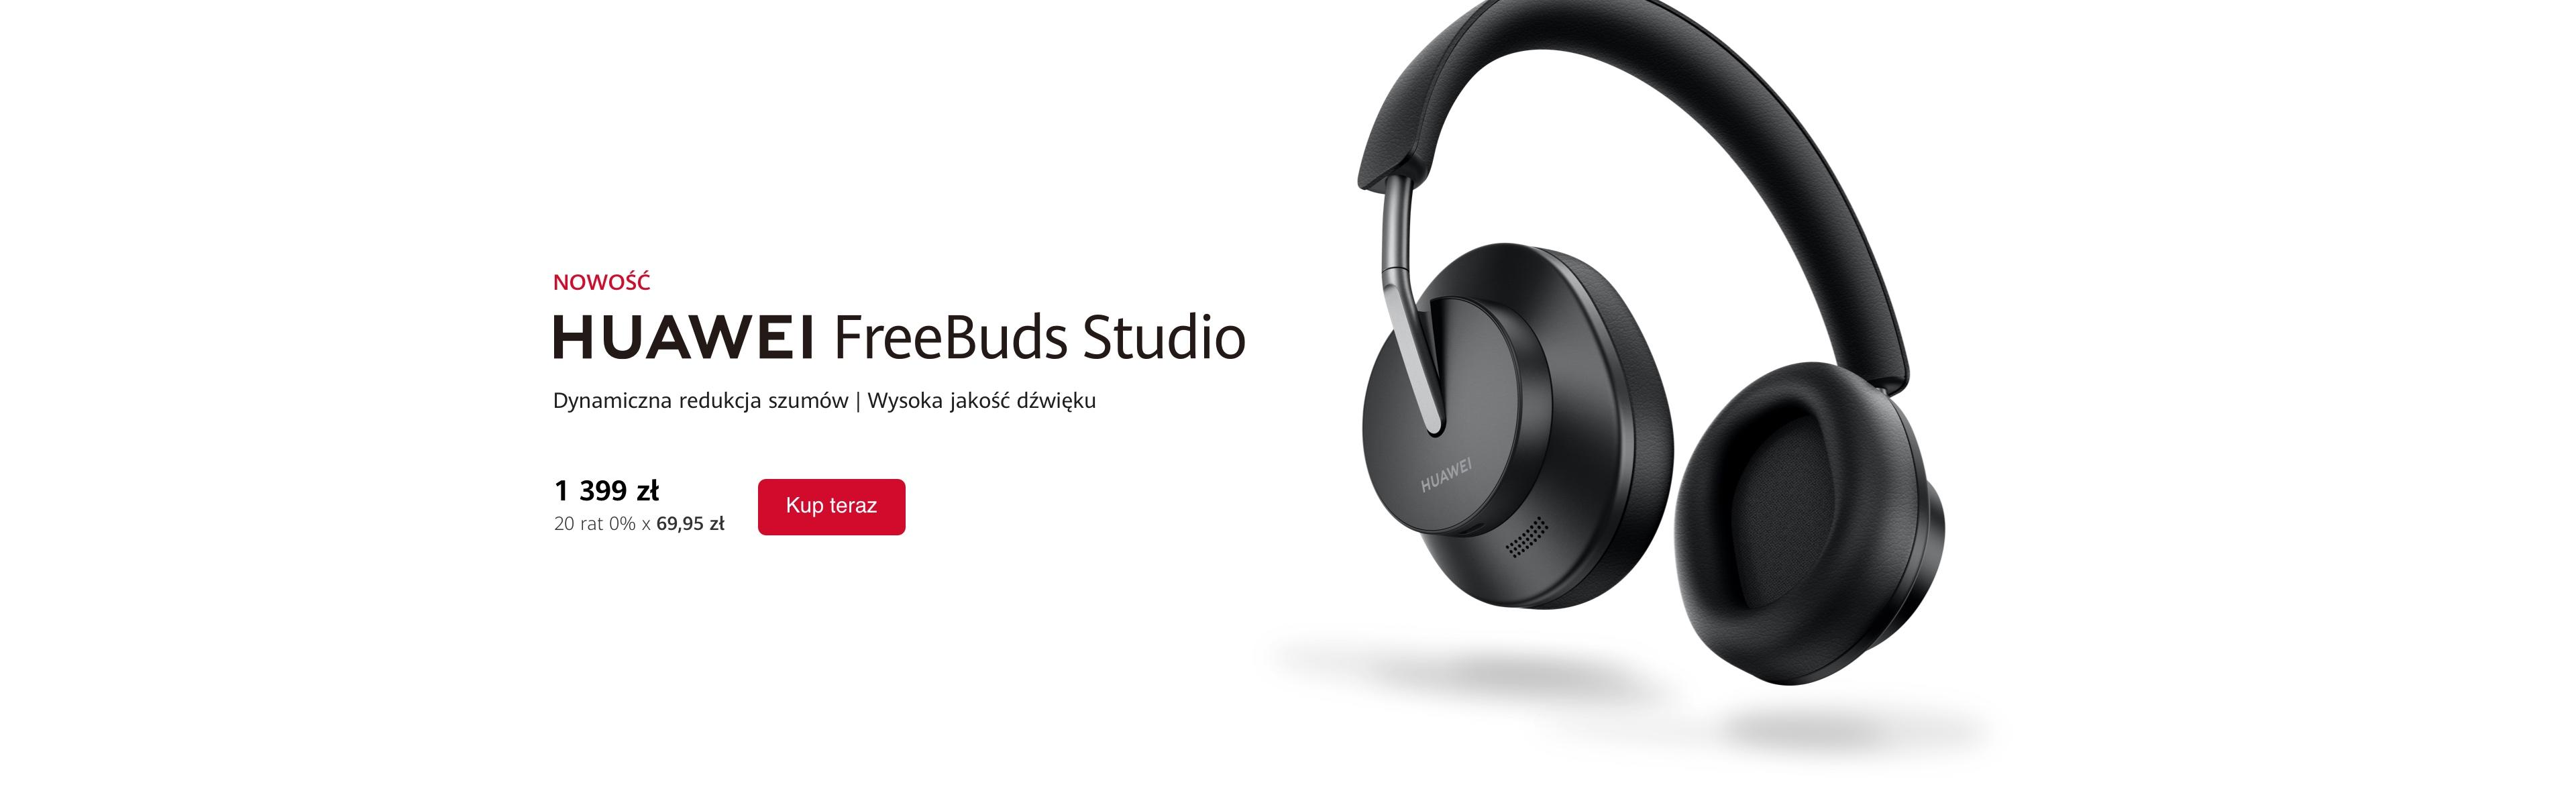 freebuds studio